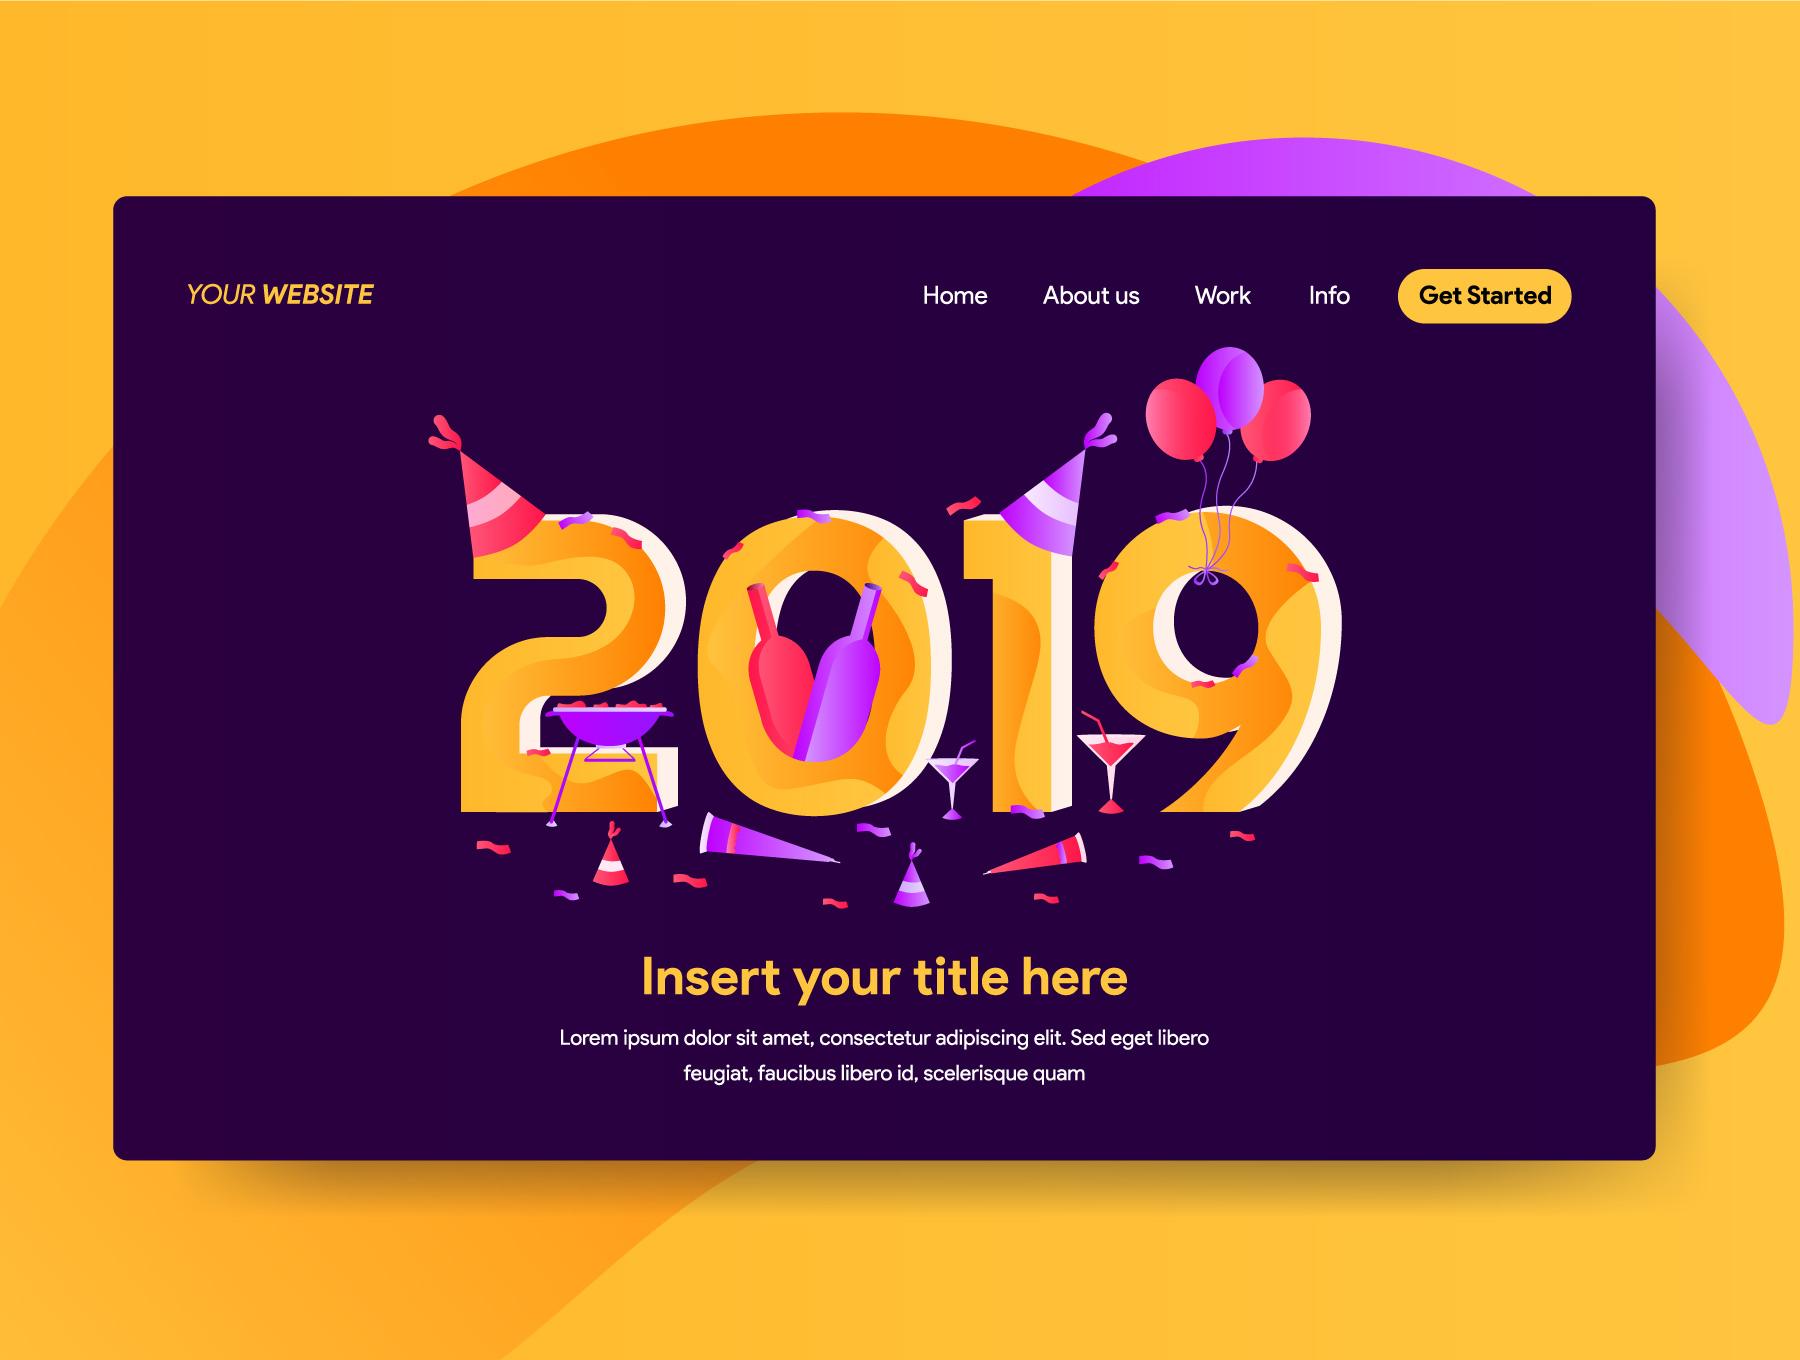 网站页面设计2019新年矢量概念插图素材 2019 New Year Illustrations插图(3)